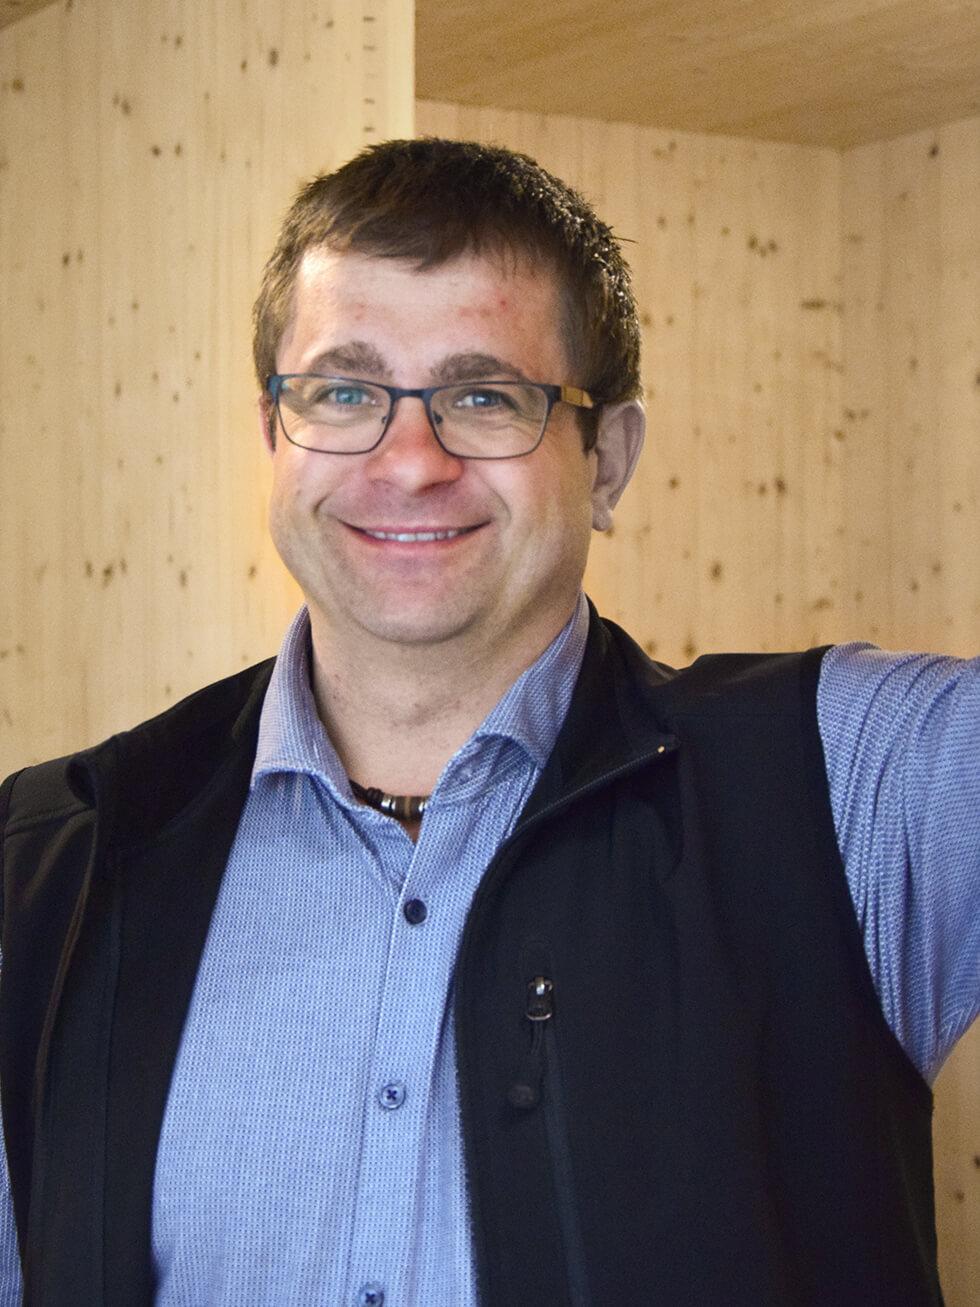 Alexander Bredl